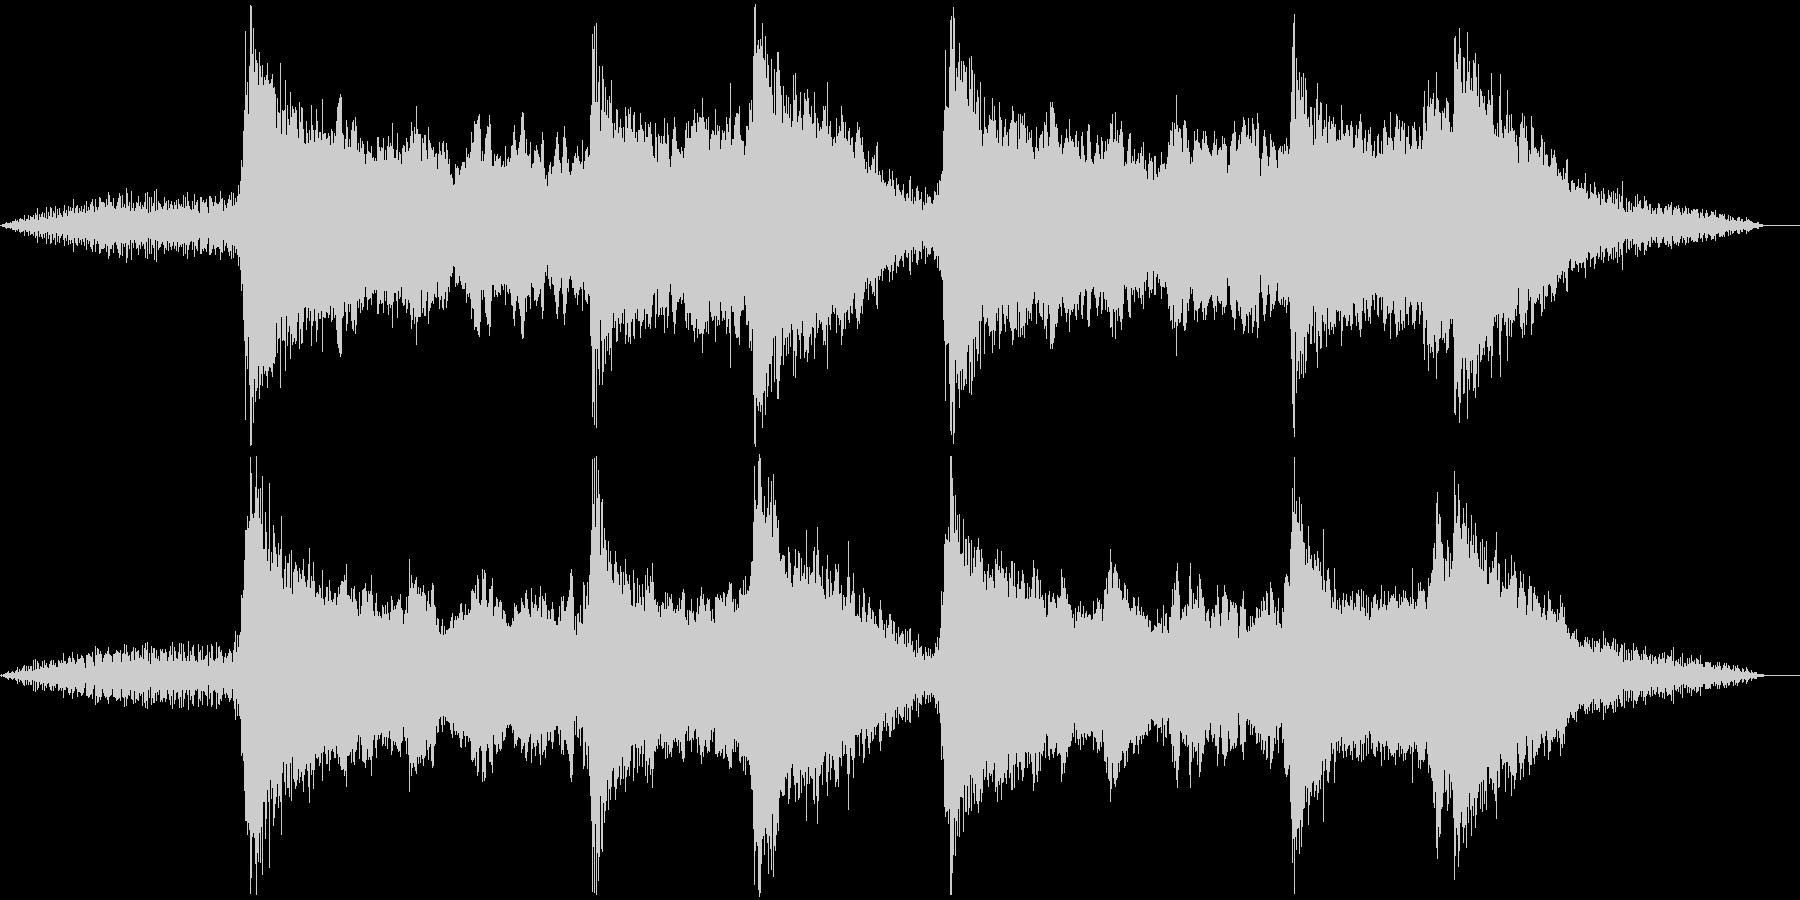 日本の伝統音楽っぽいBGMの未再生の波形